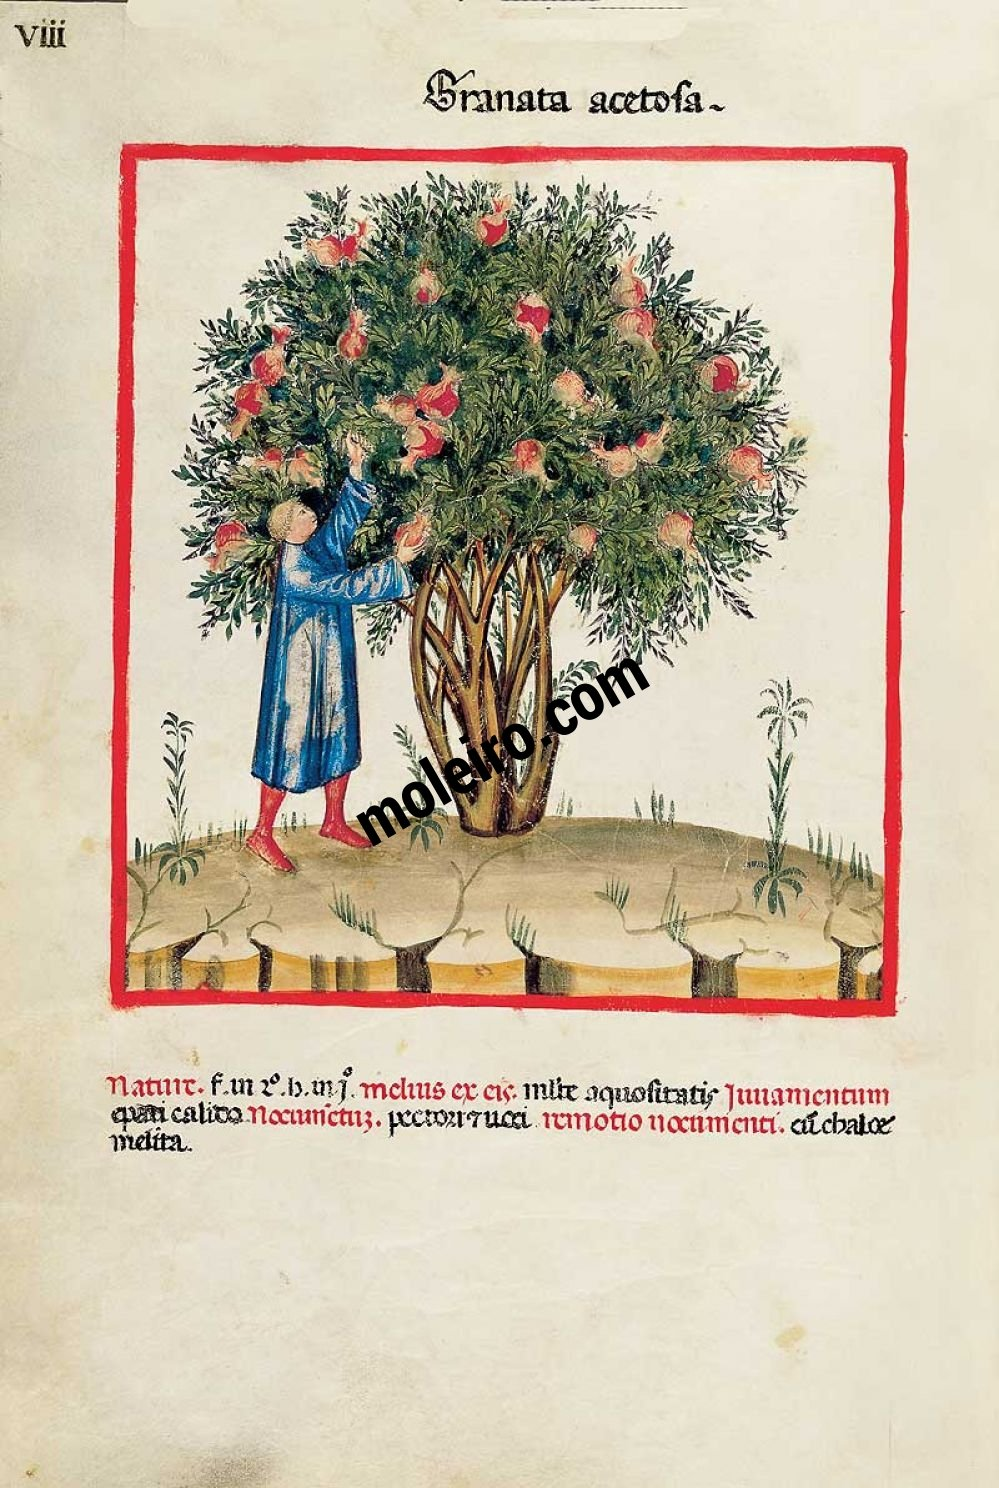 Theatrum Sanitatis Granata acetosa